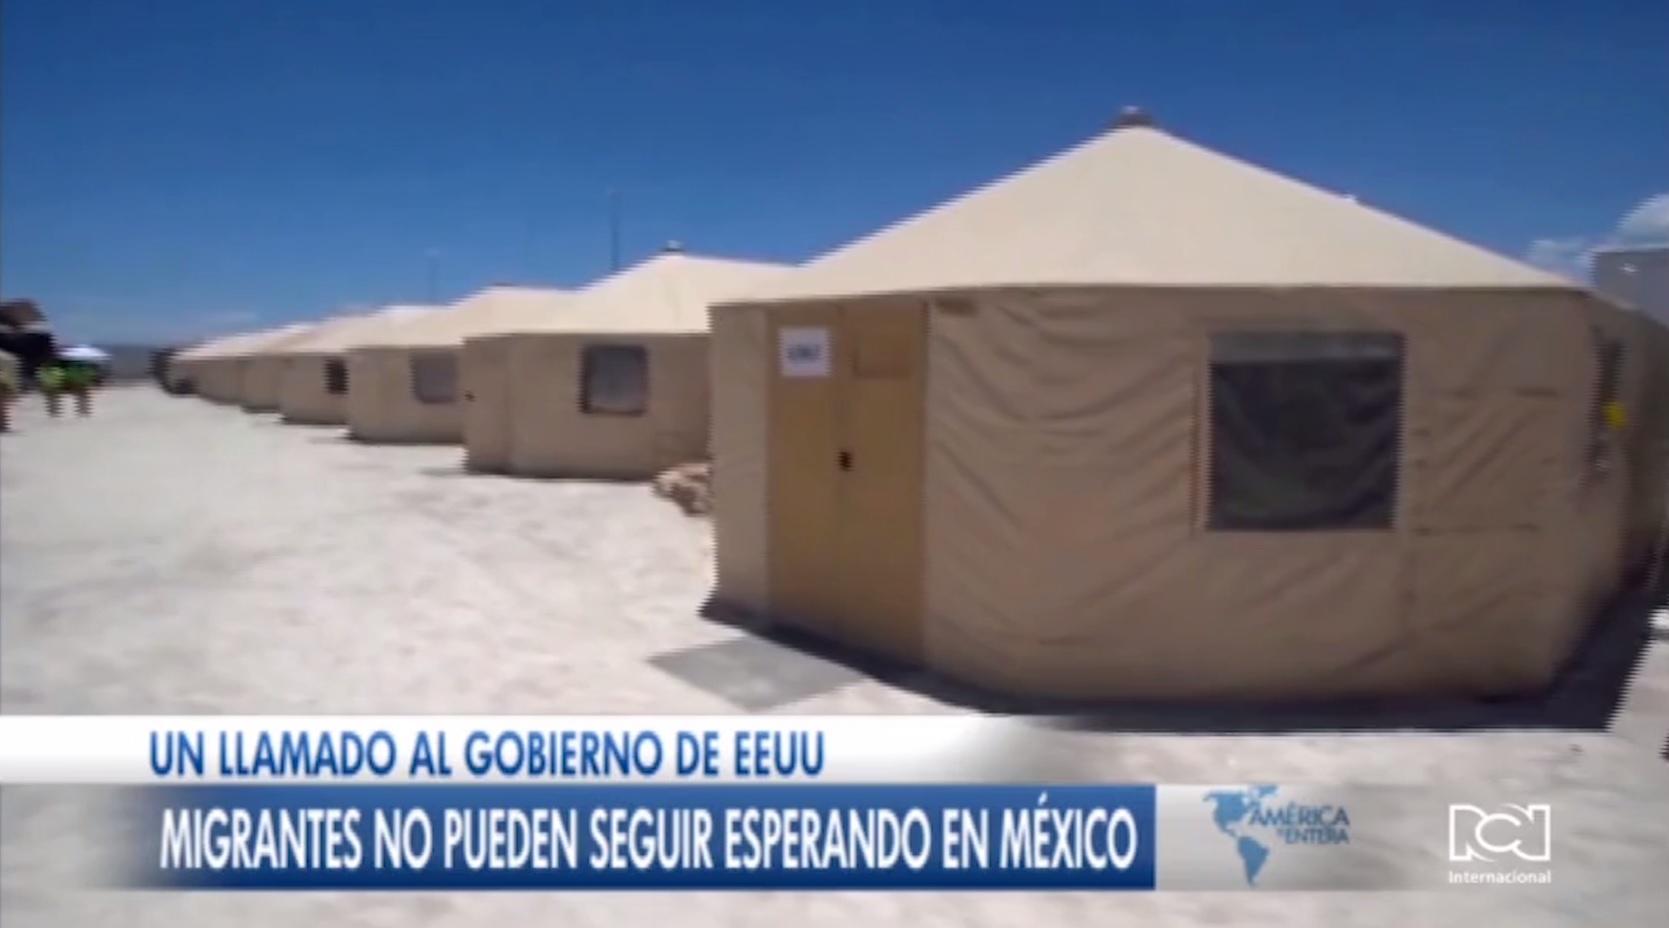 migrantes-no-pueden-esperar-en-mexico.jpg